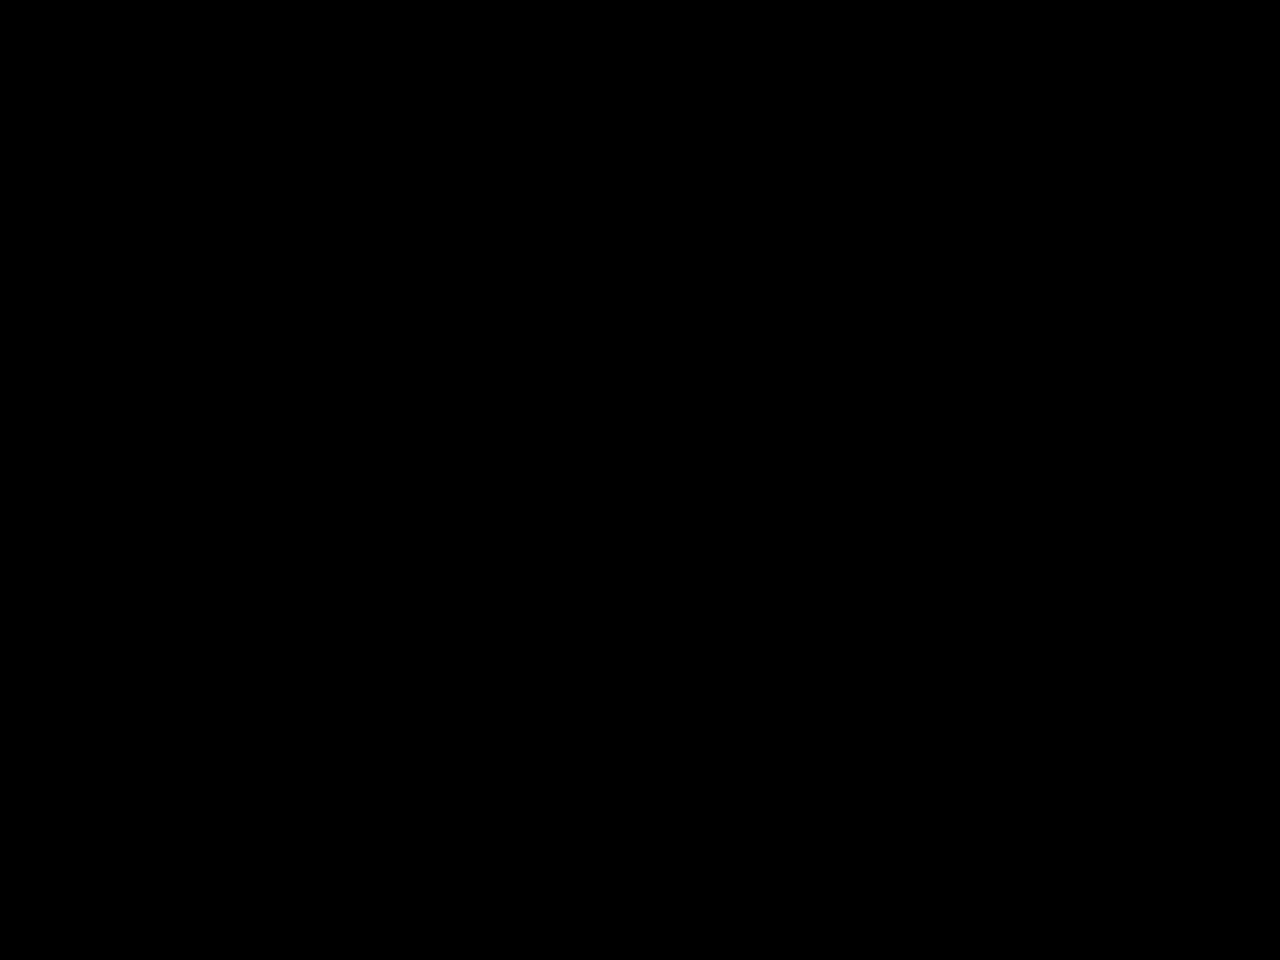 株式会社スリーラック